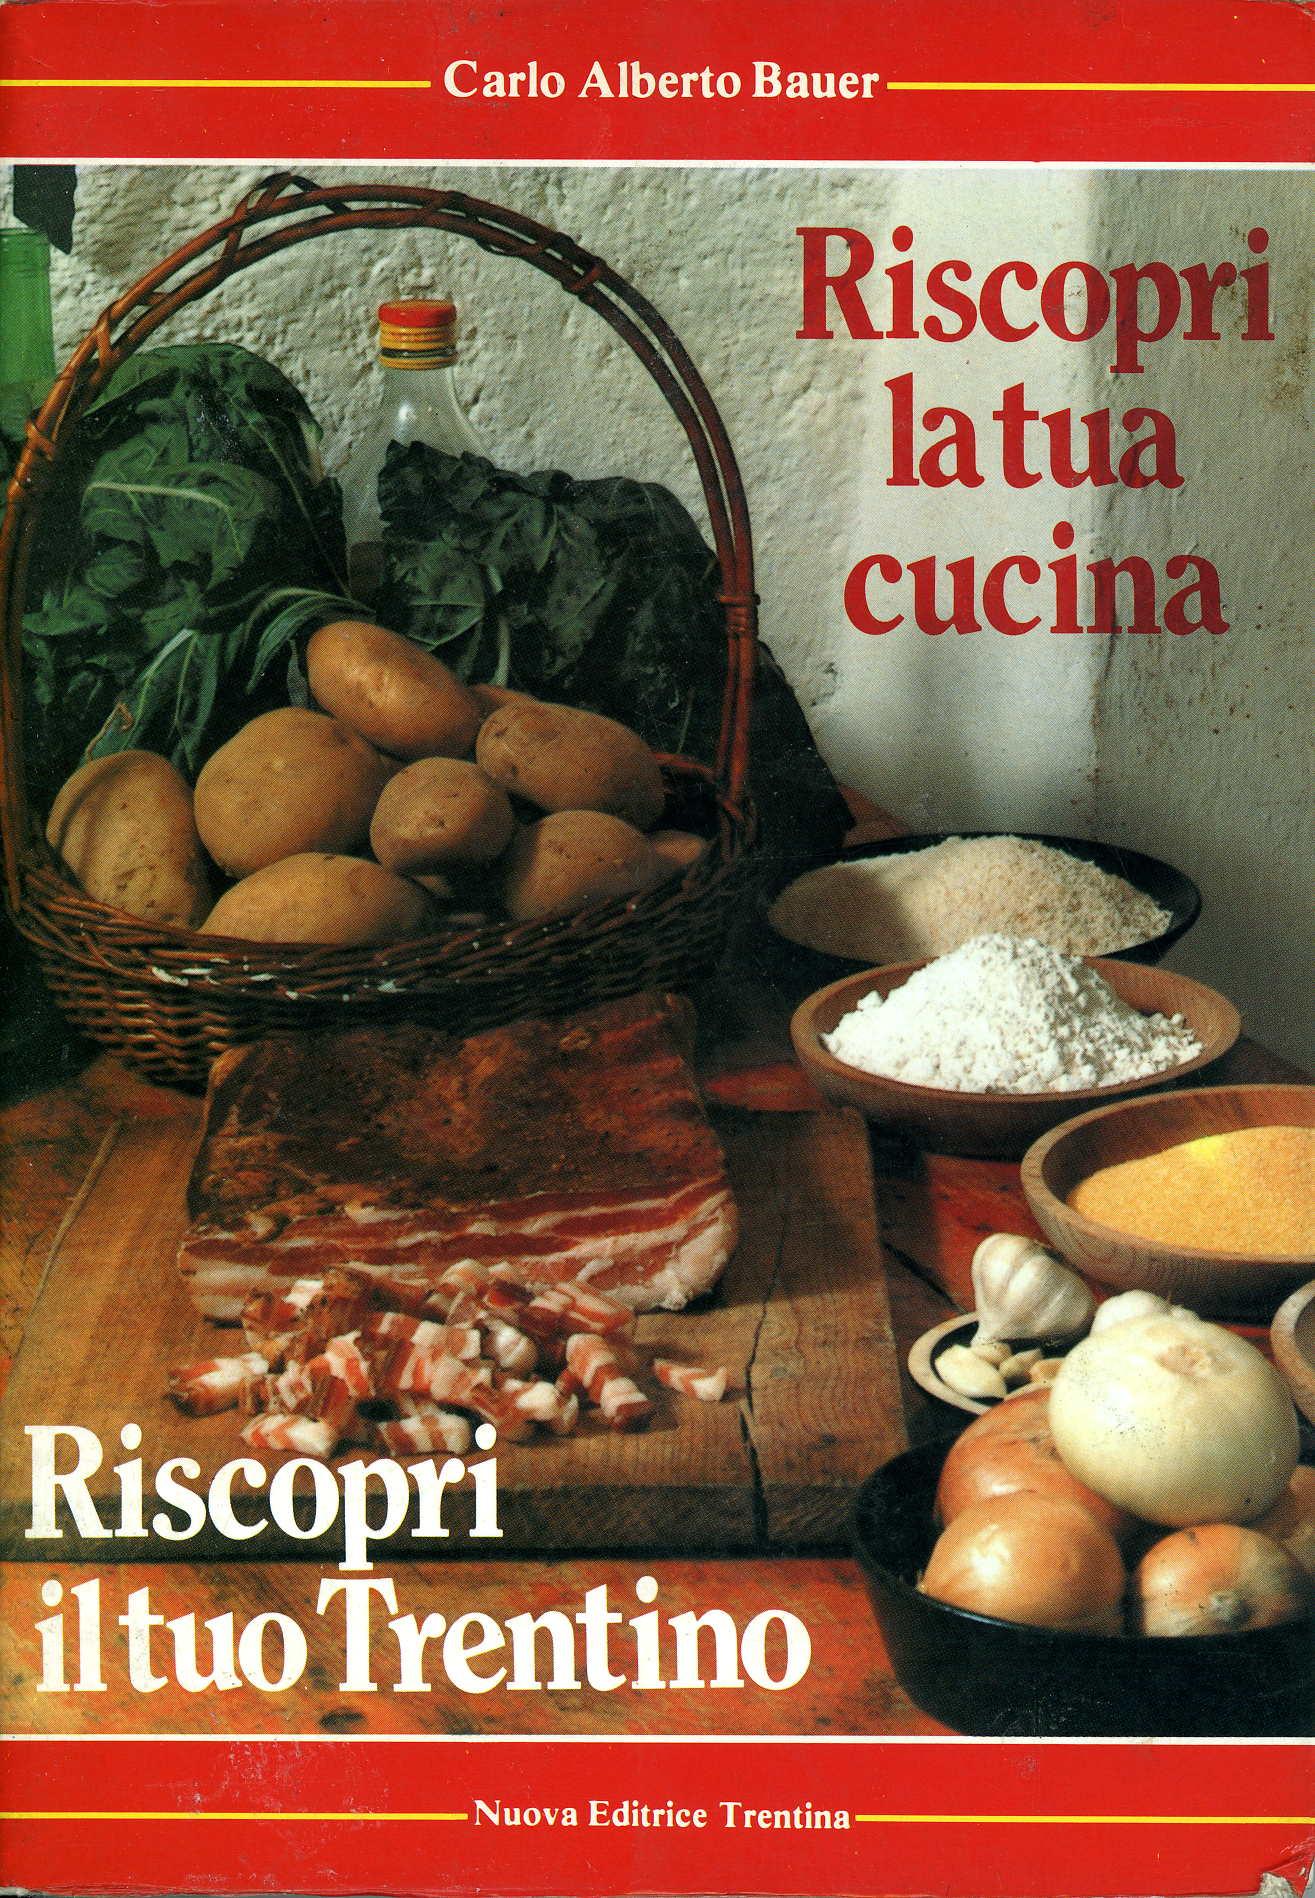 Riscopri la tua cucina, riscopri il tuo Trentino